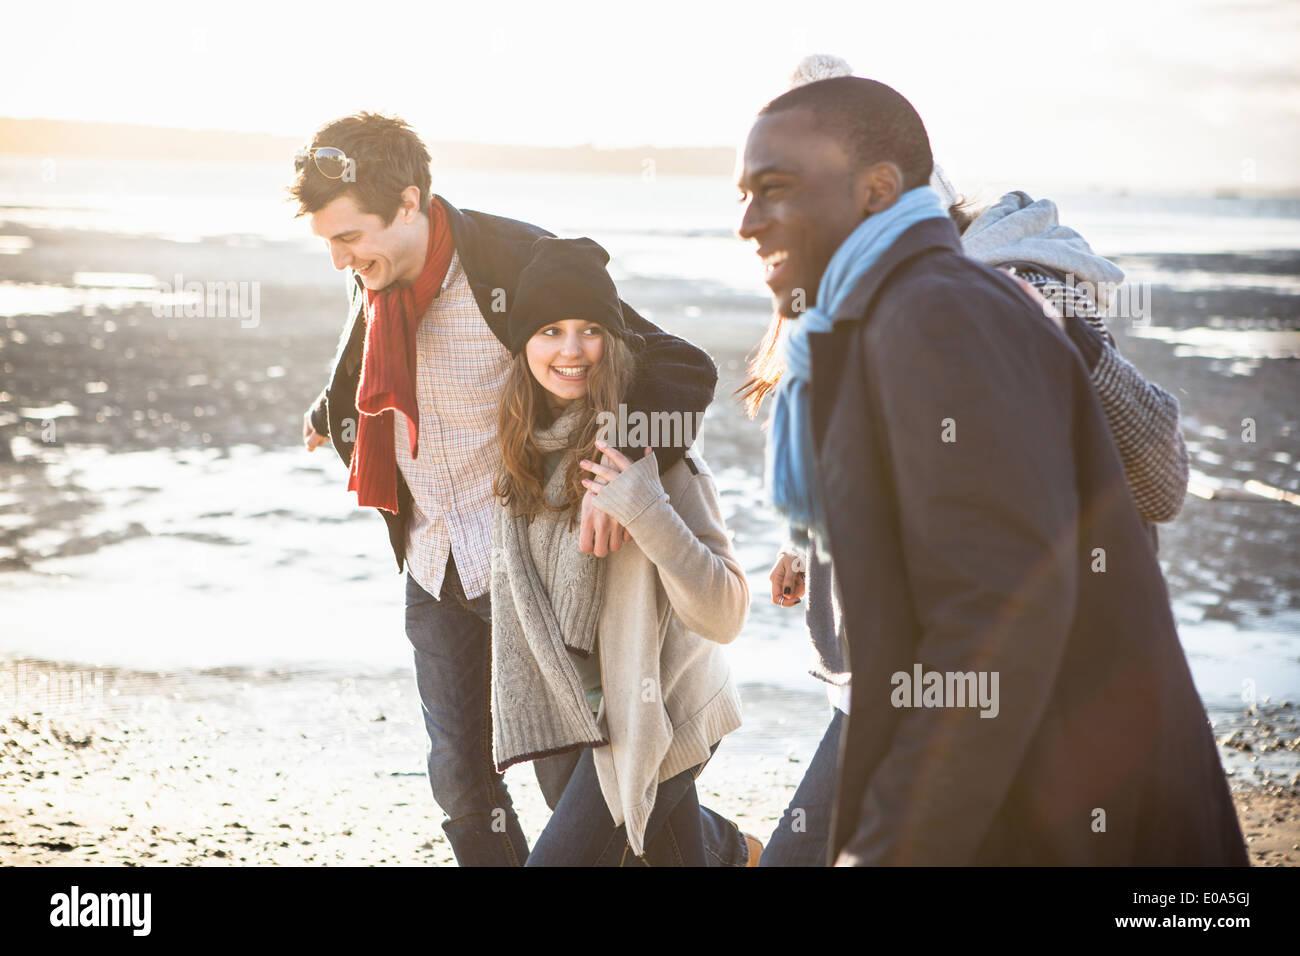 Zwei Erwachsene Paare, spazieren am Strand Stockbild